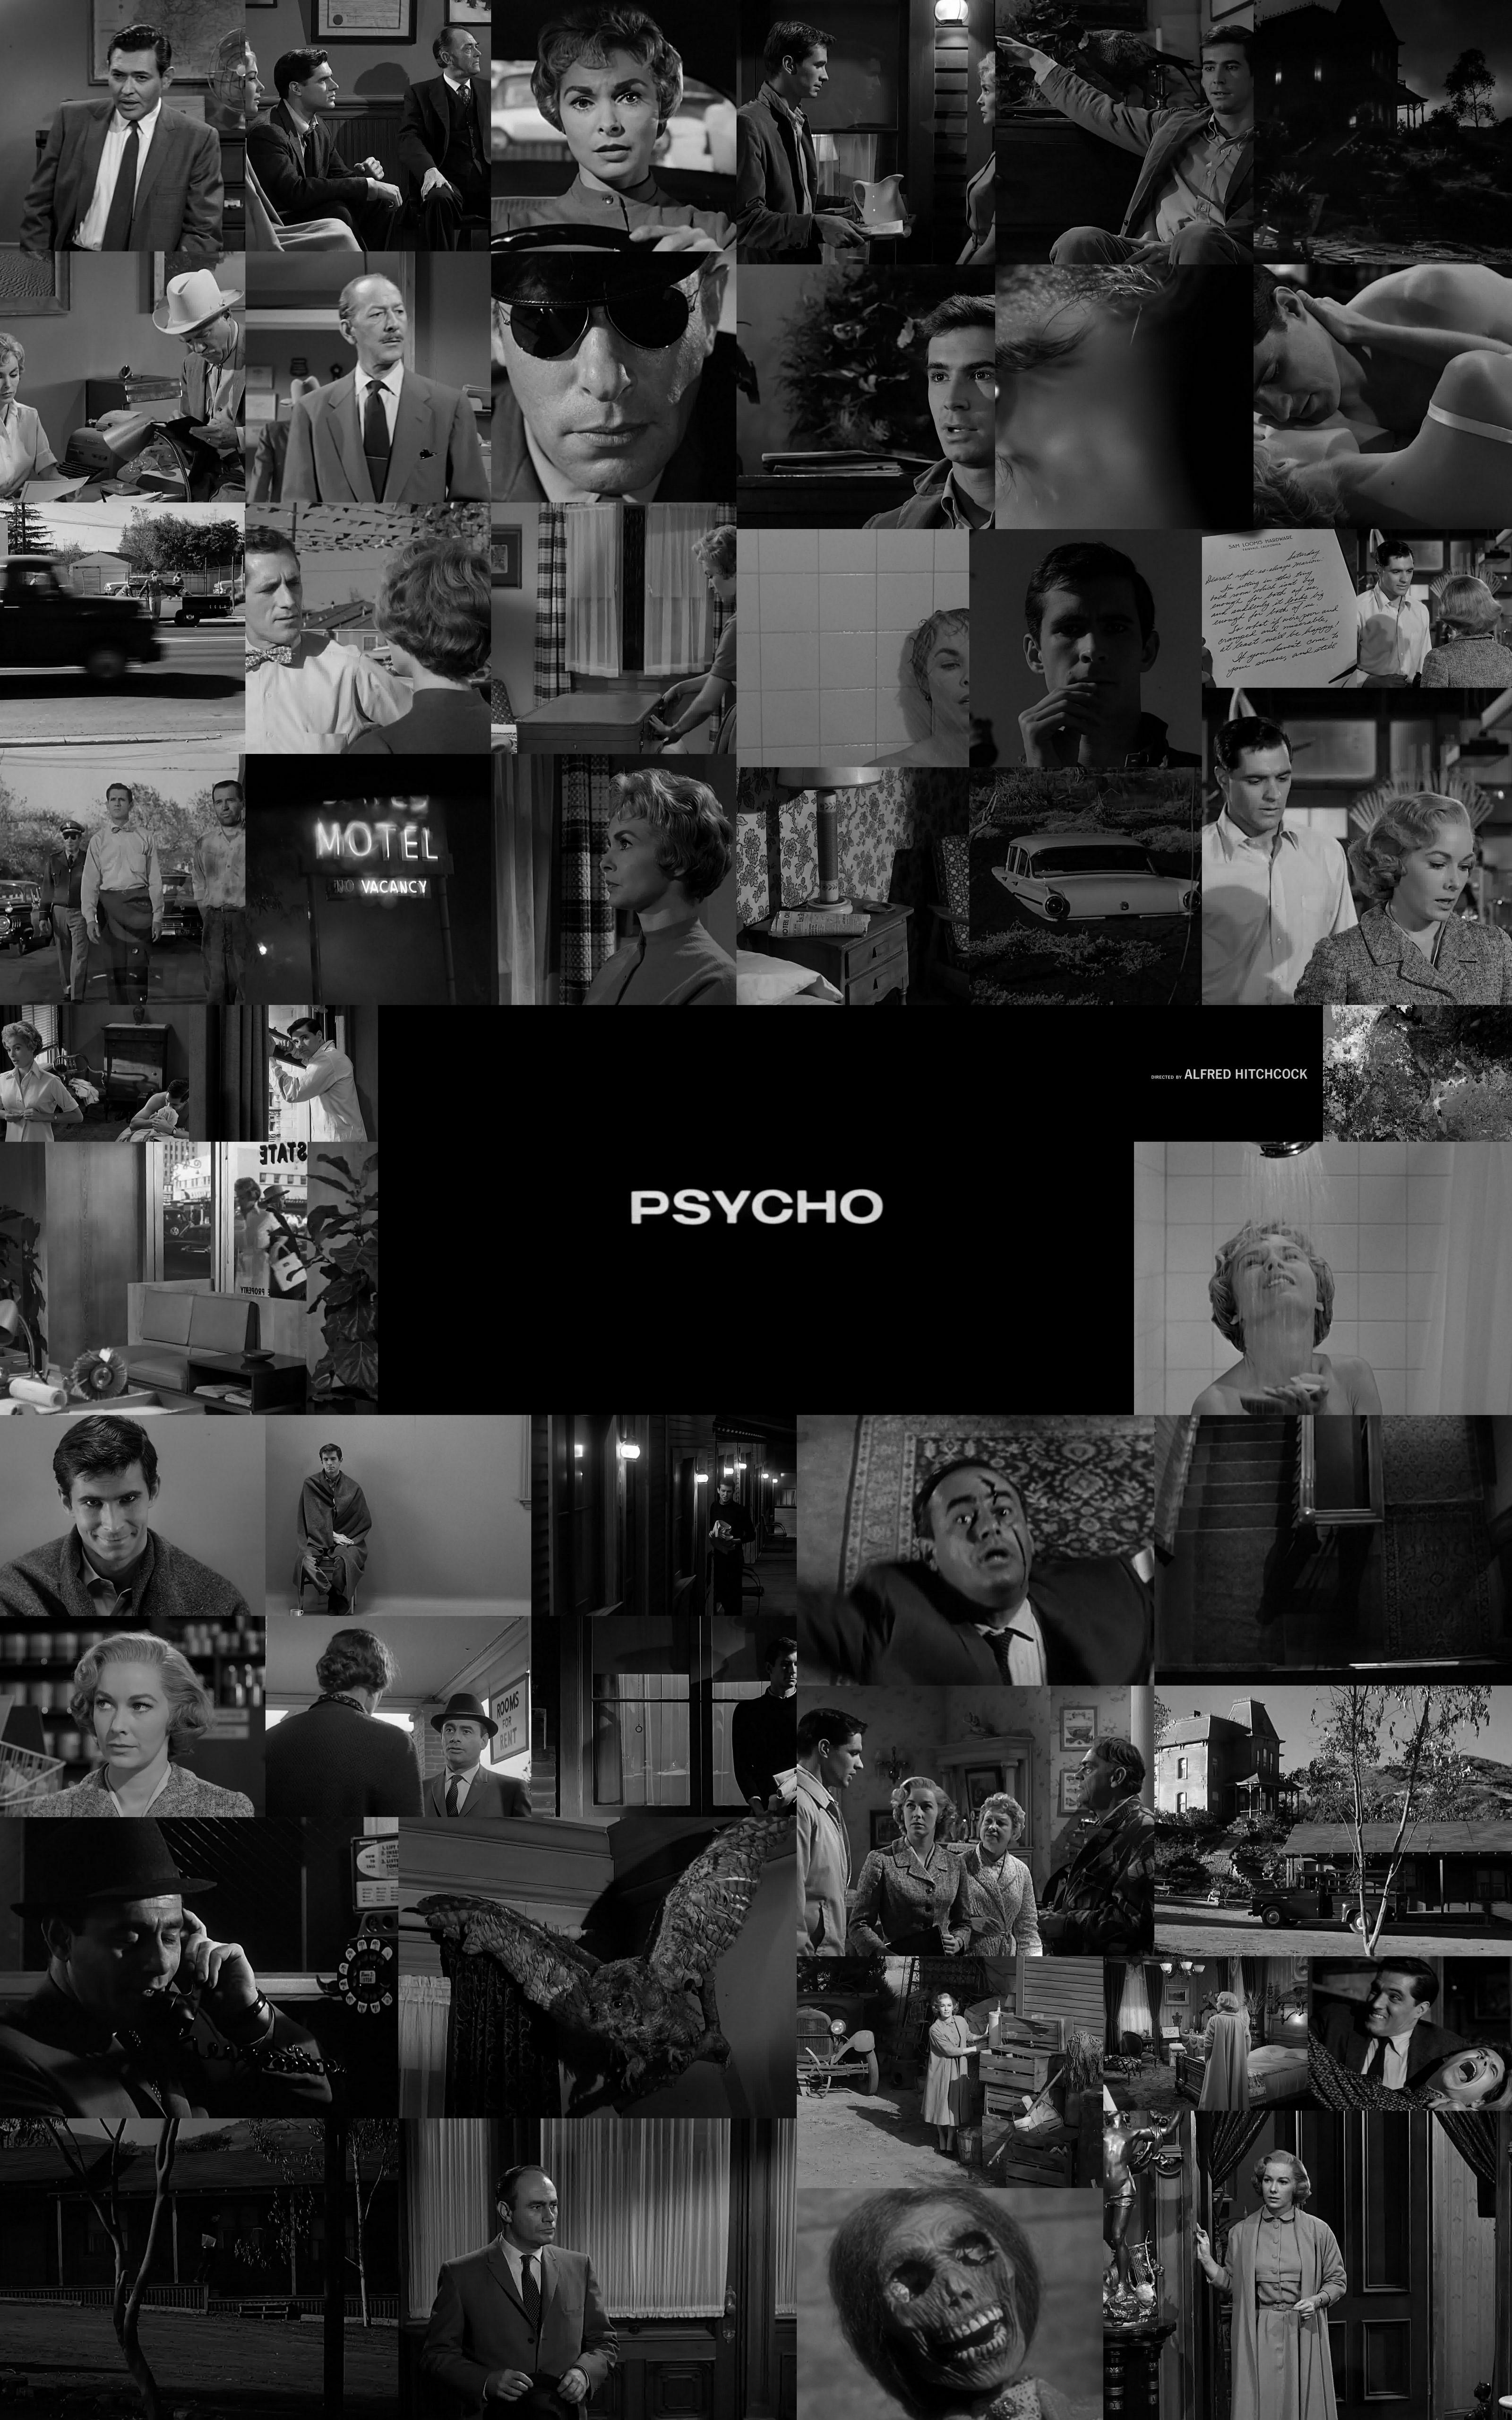 Psycho/Bates Motel (The Movie) on Pinterest | Anthony ...